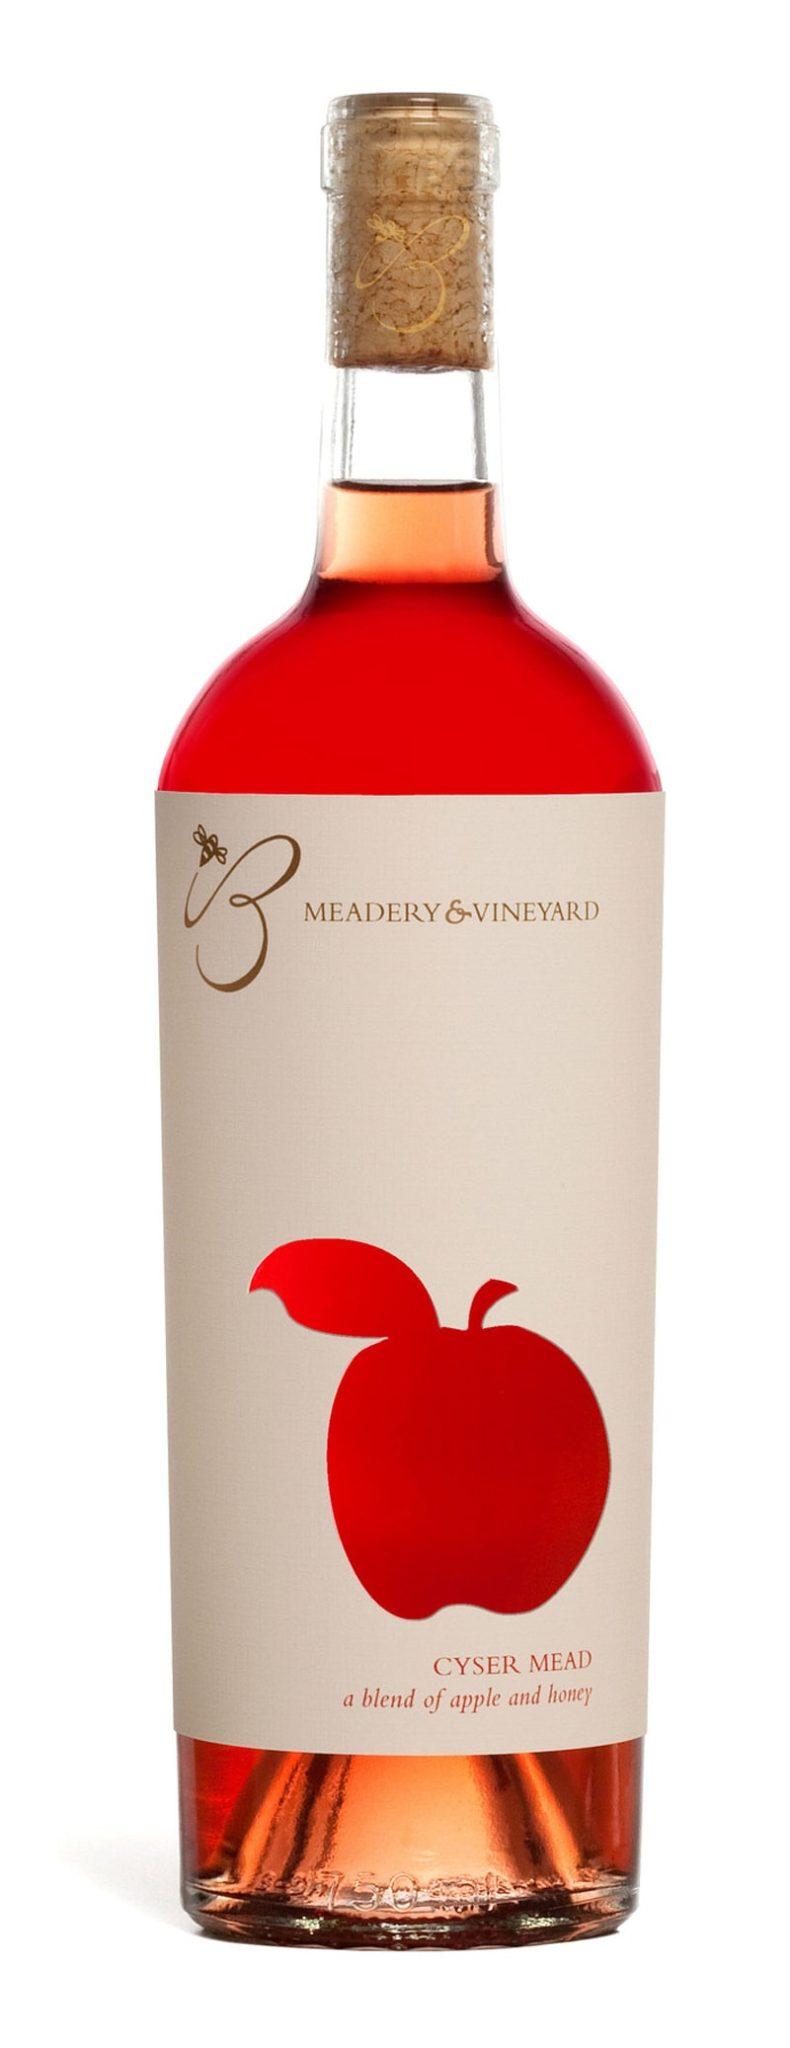 B Meadery and Vineyard wine bottle label design indesign